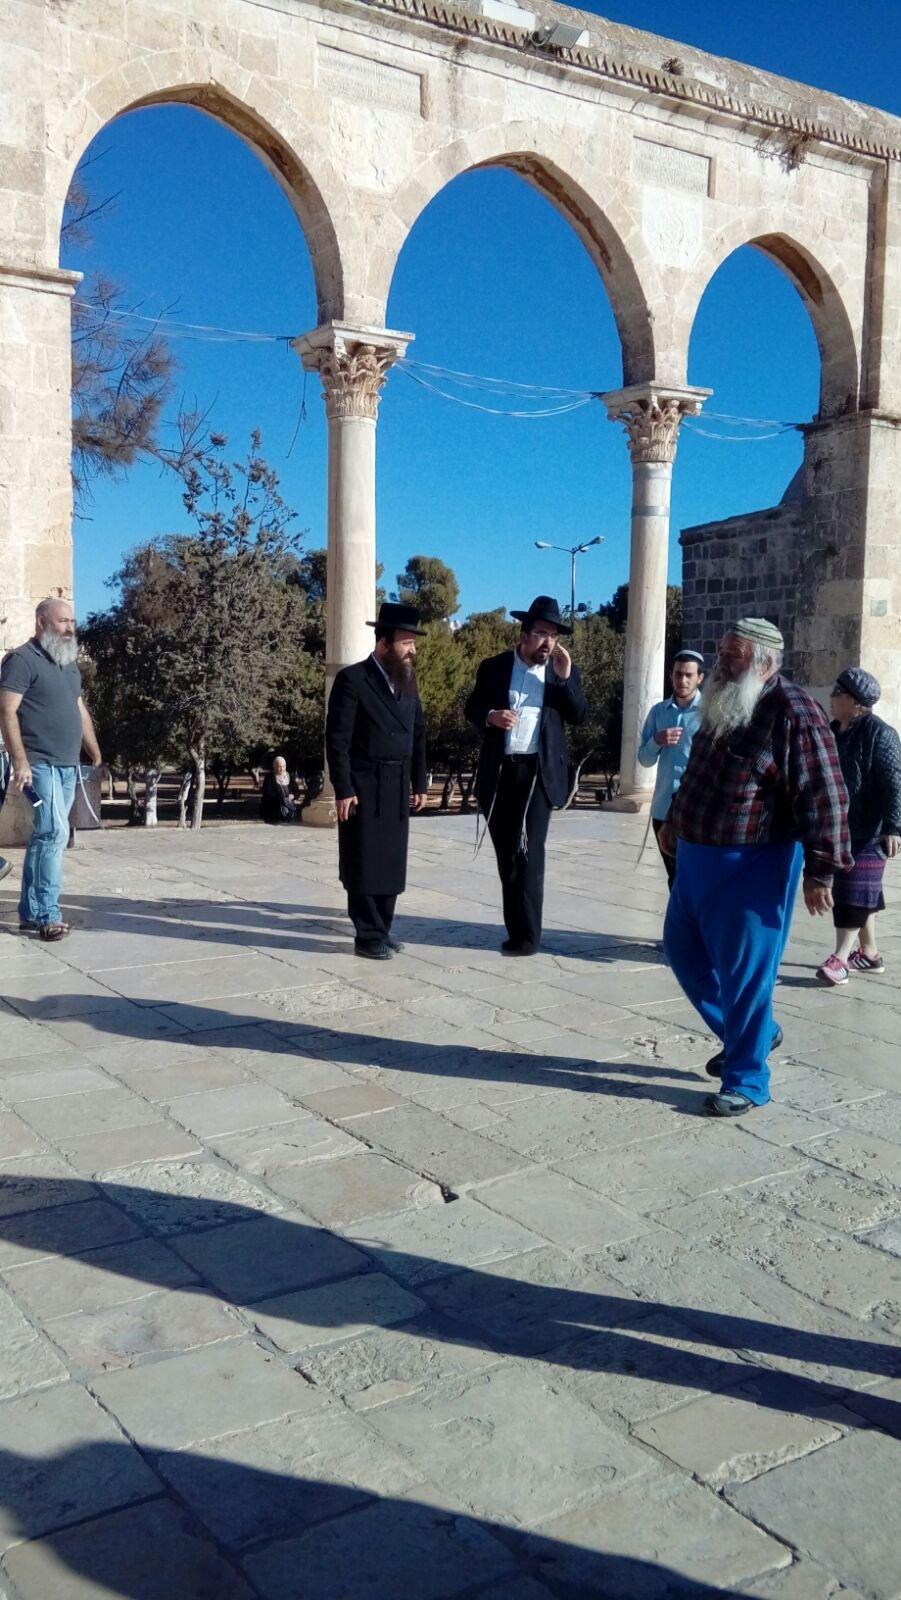 مستوطنون يصعدون إلى صحن قبة الصخرة بحماية الشرطة الاسرائيلية